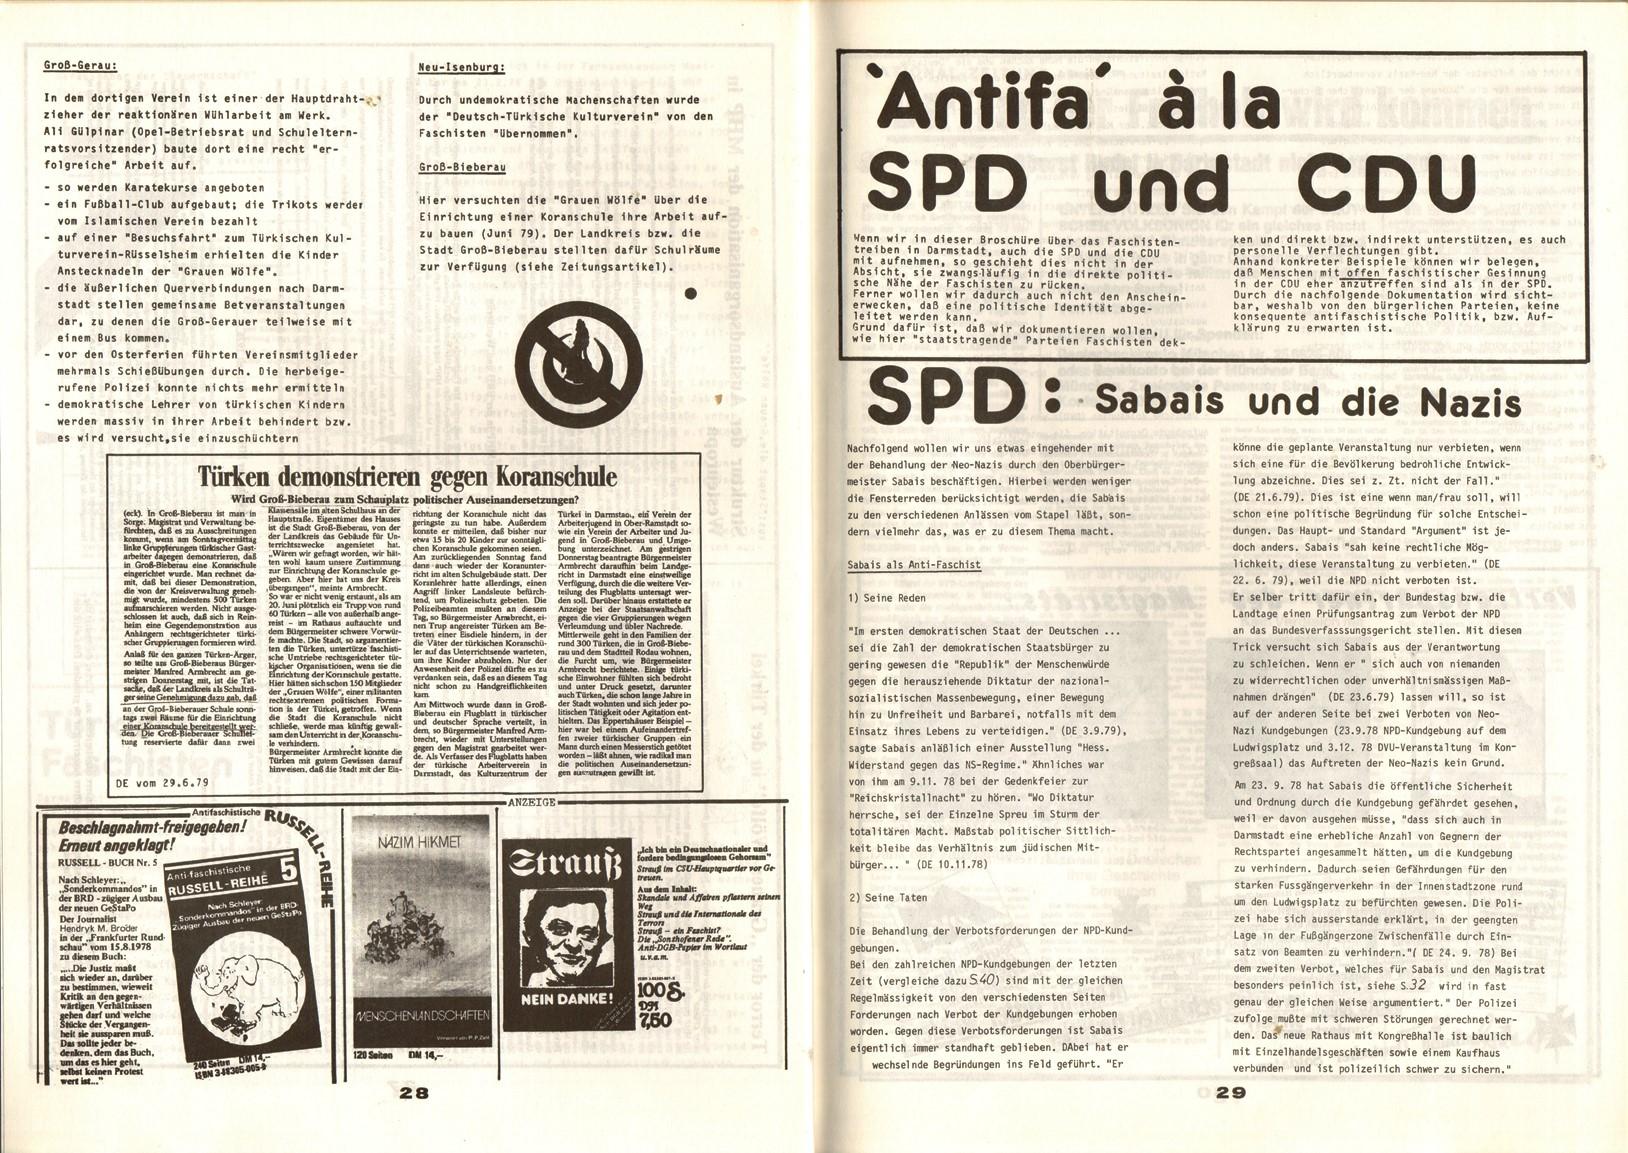 Darmstadt_KB_1979_Faschisten_und_ihr_Umfeld_16